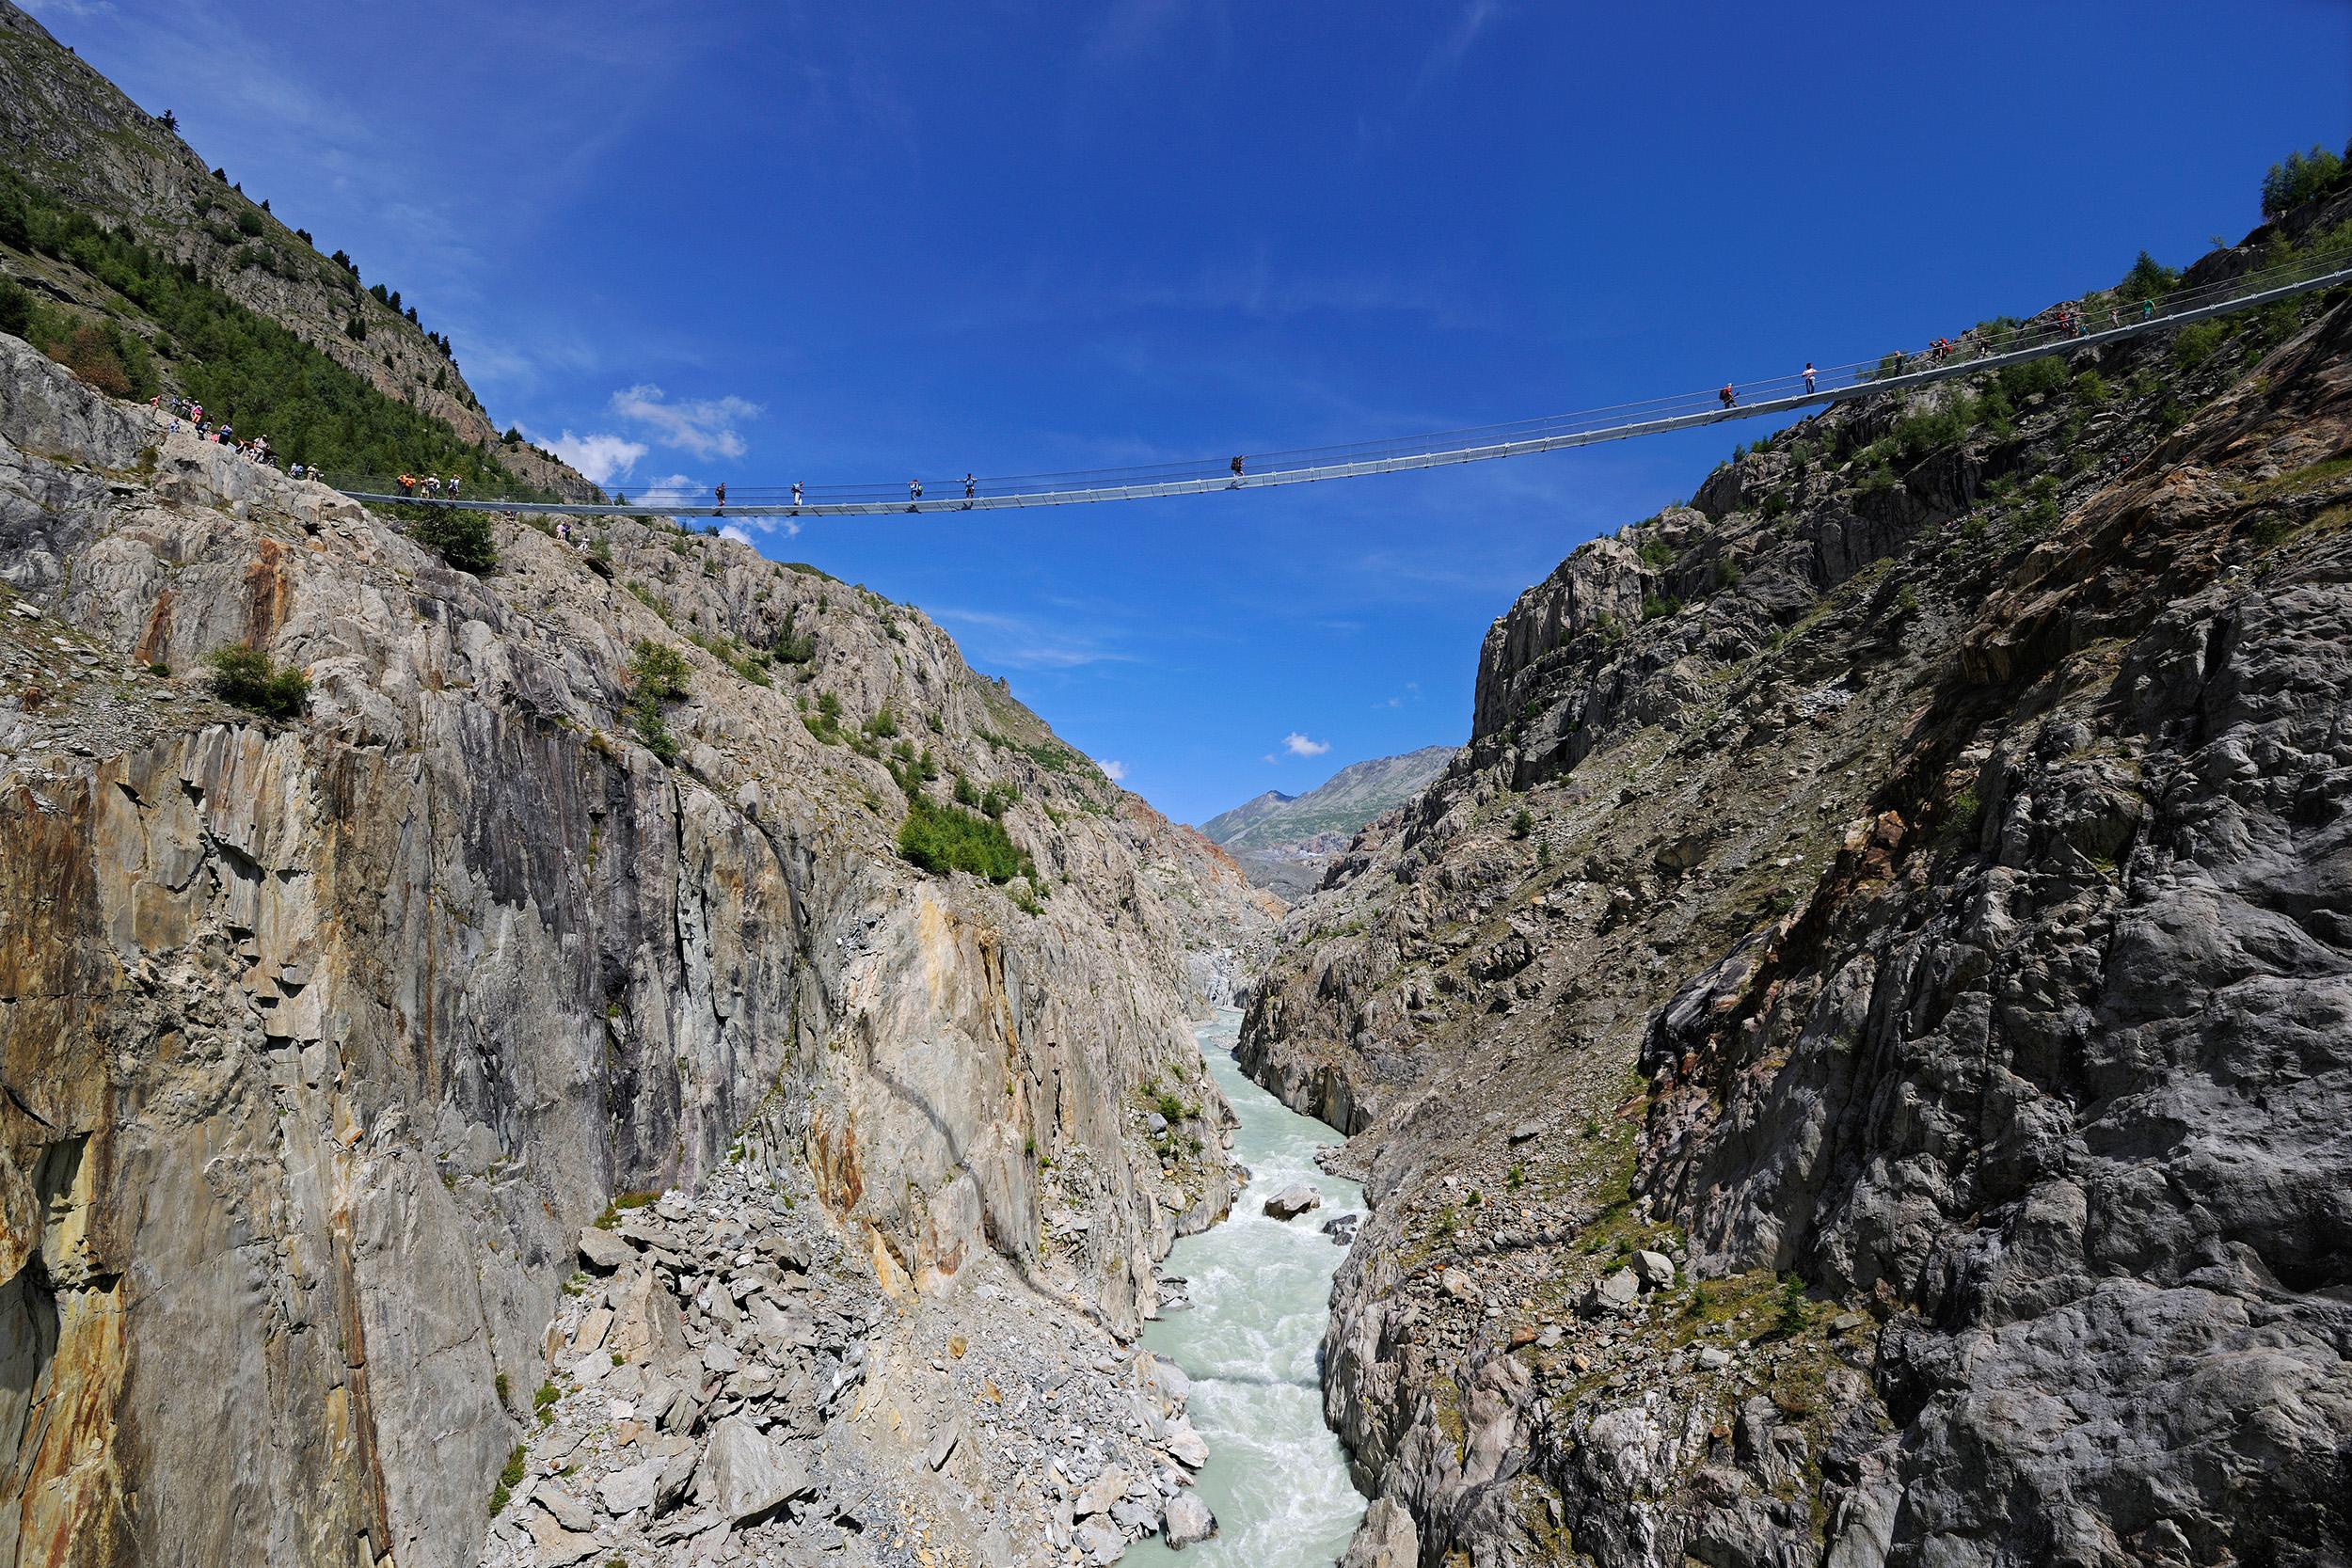 Hängebrücke Aletschji